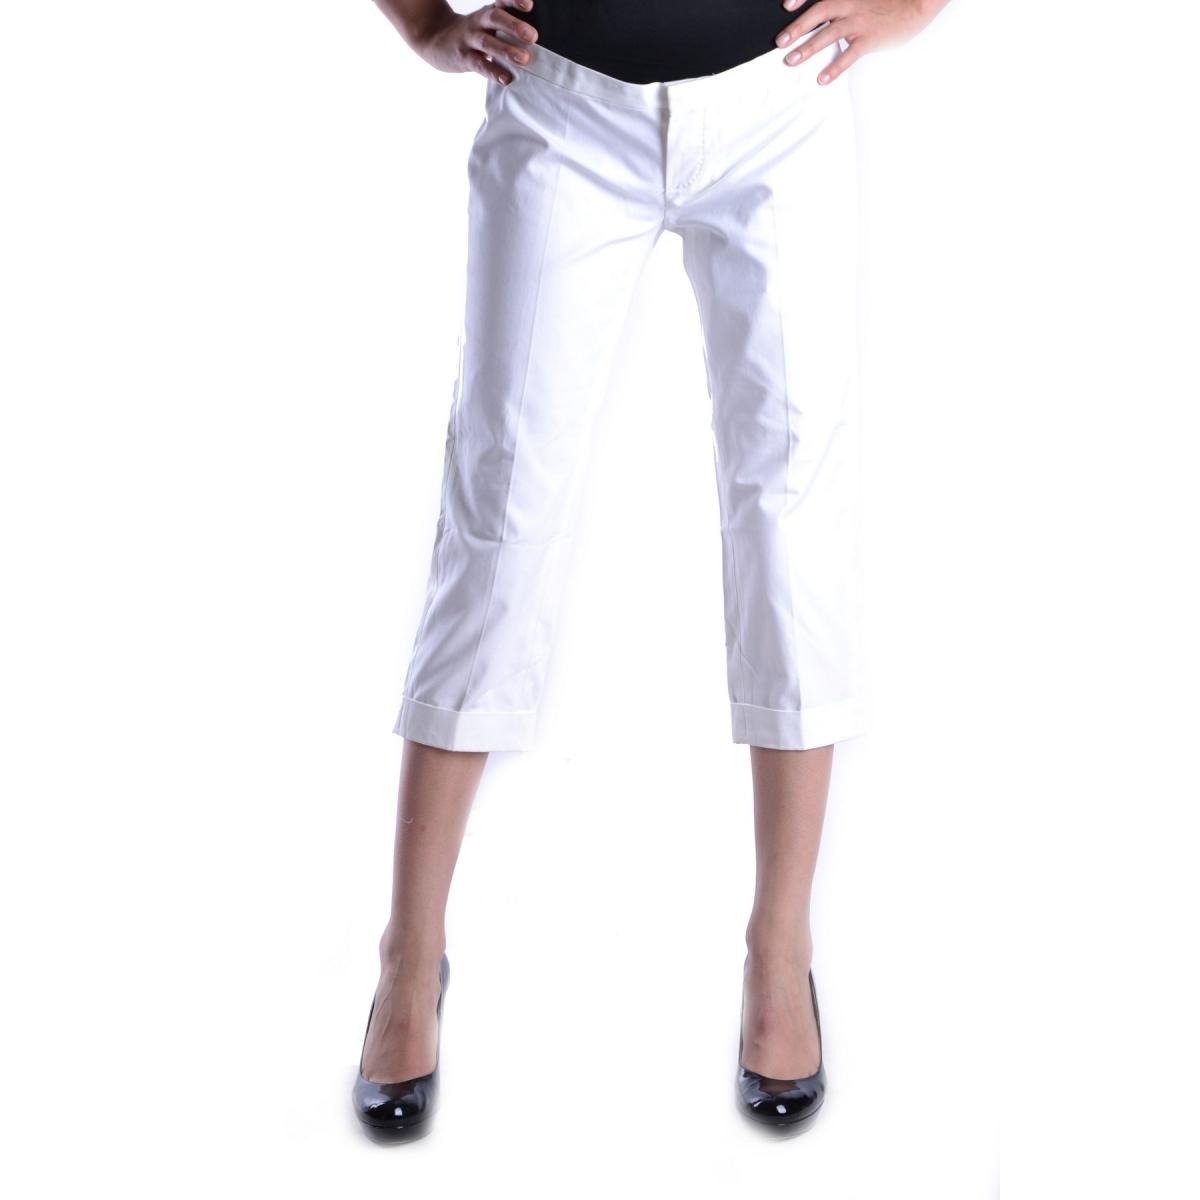 Dsquared Pantalones Pantalones Outlet Pt234 Bicocca Dsquared 4qZwdTq